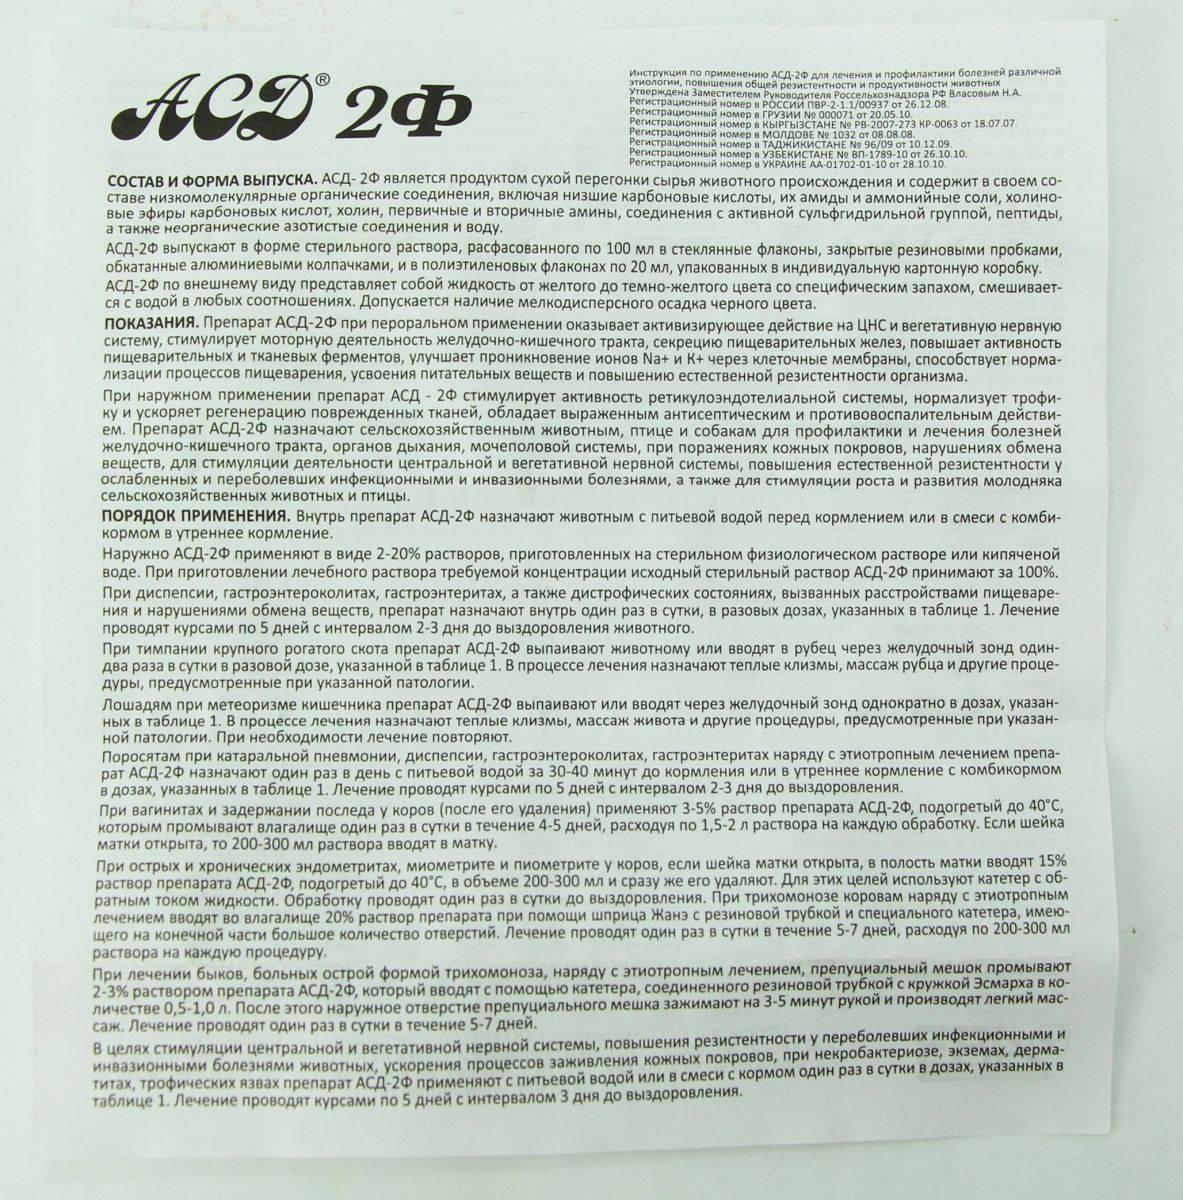 Асд-3 фракции: инструкция для лечения животных